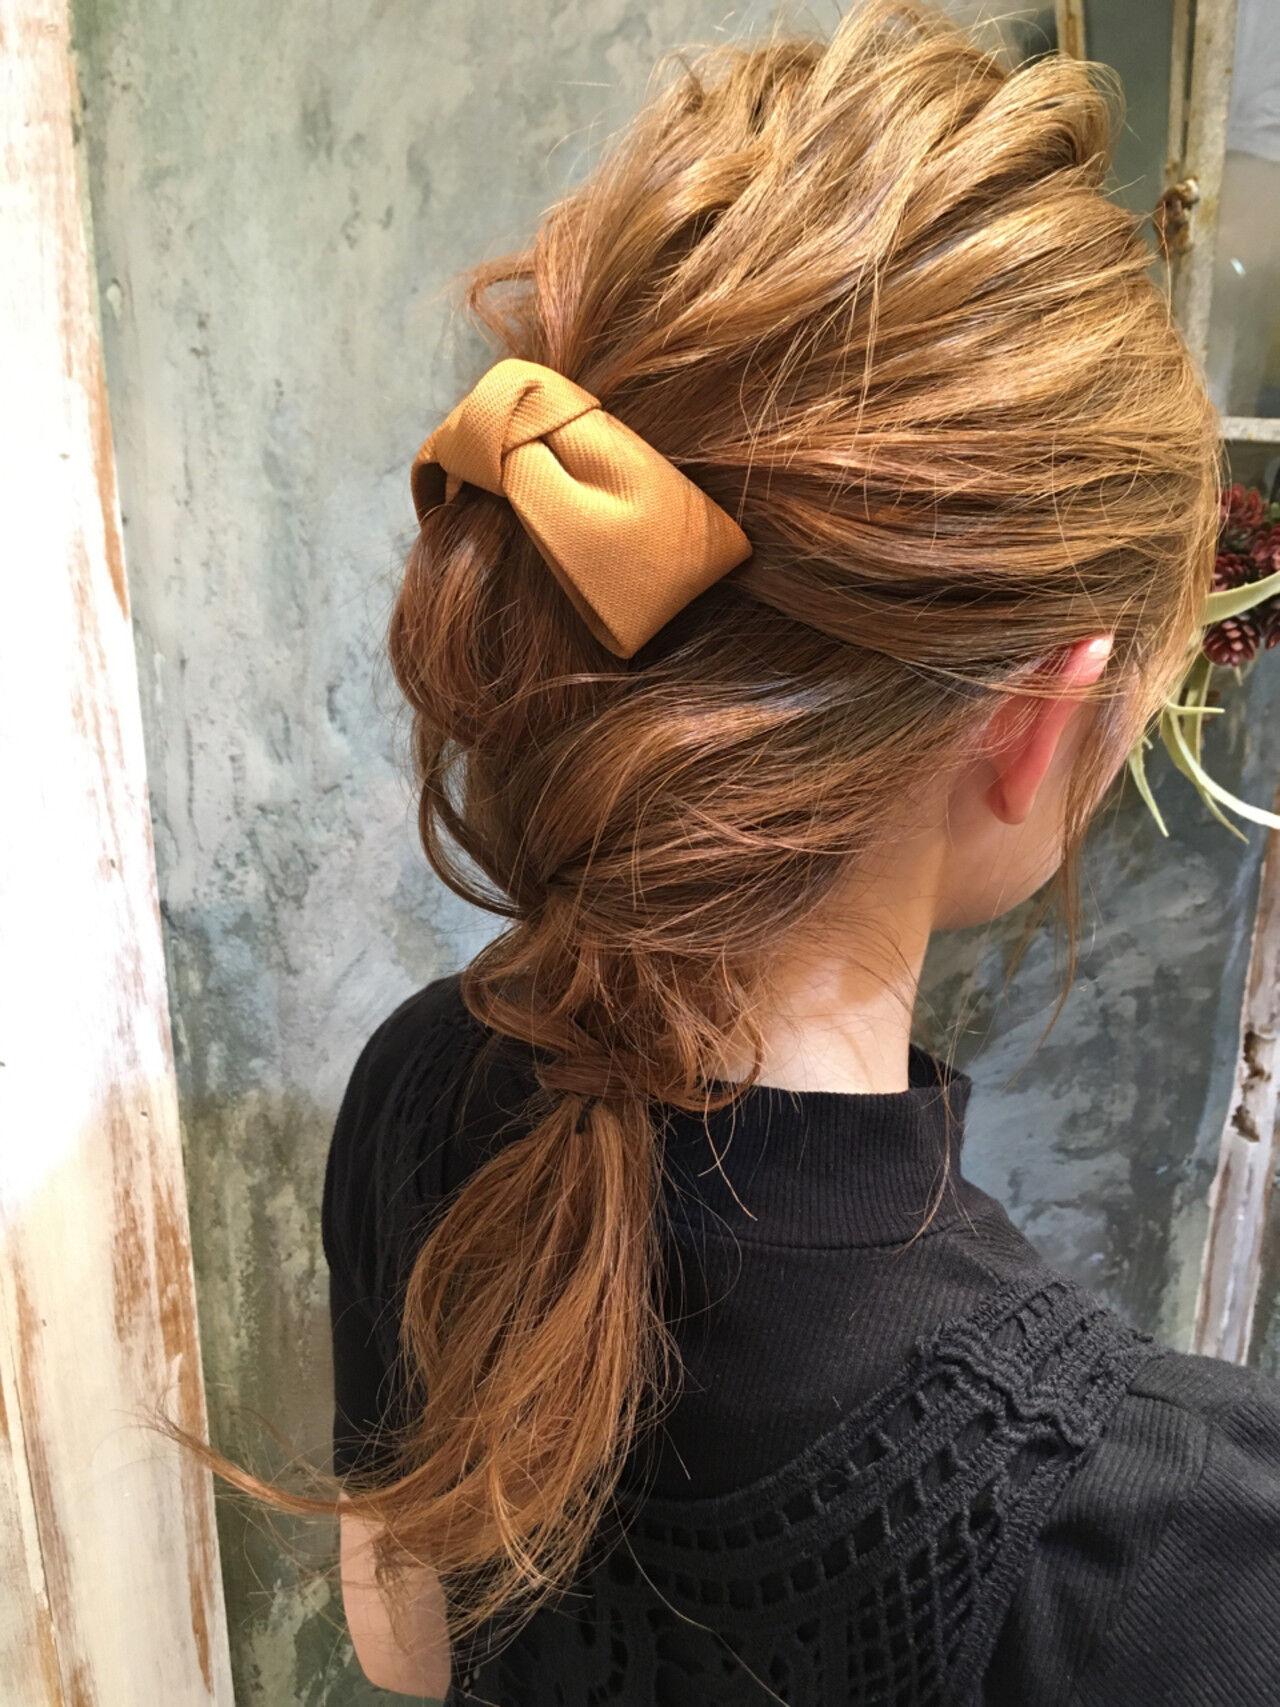 ハーフアップ くせ毛風 ショート 簡単ヘアアレンジヘアスタイルや髪型の写真・画像